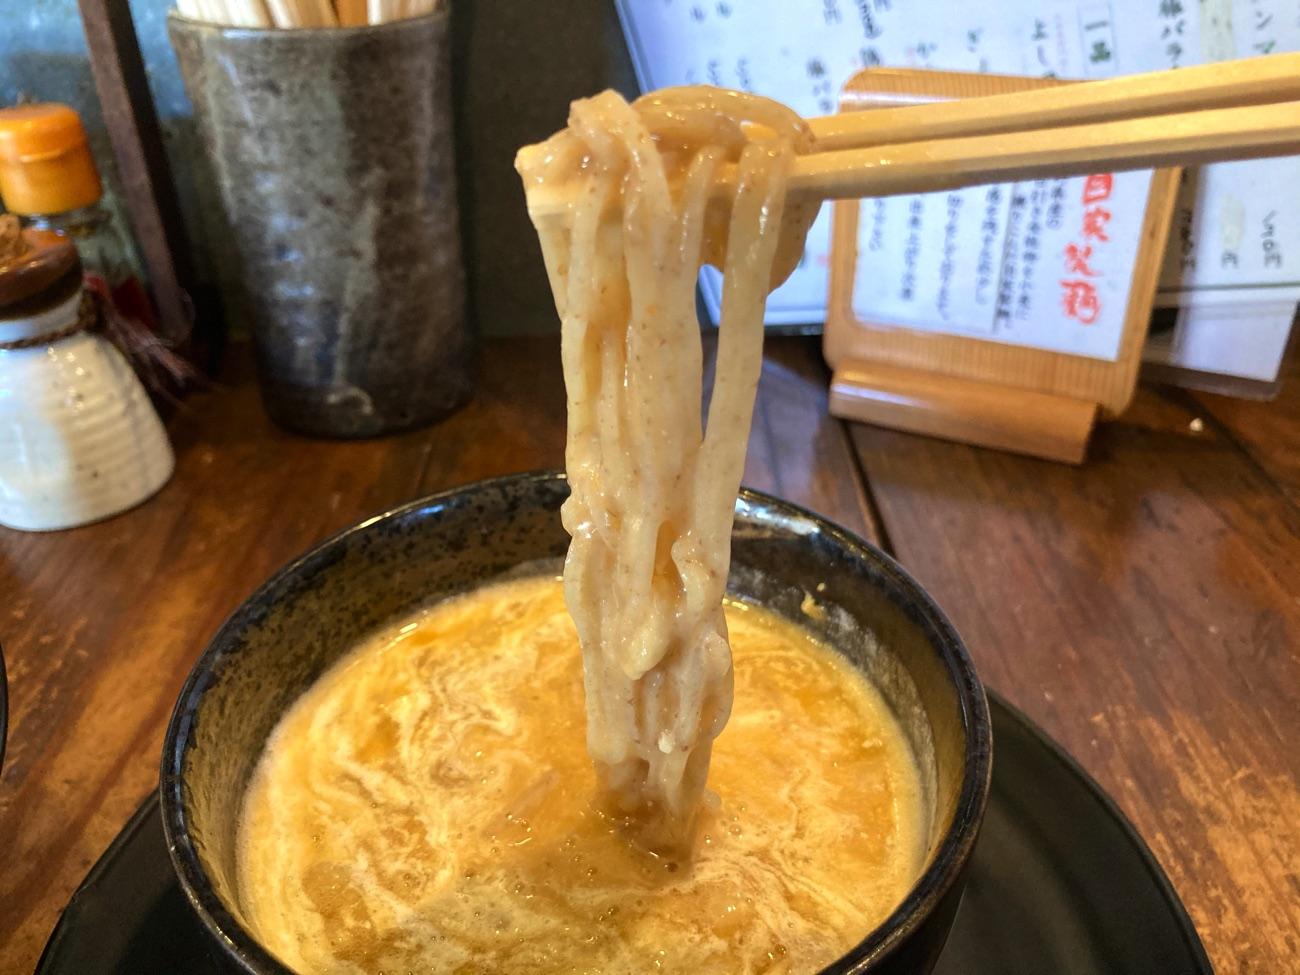 濃厚なスープが麺にからむ